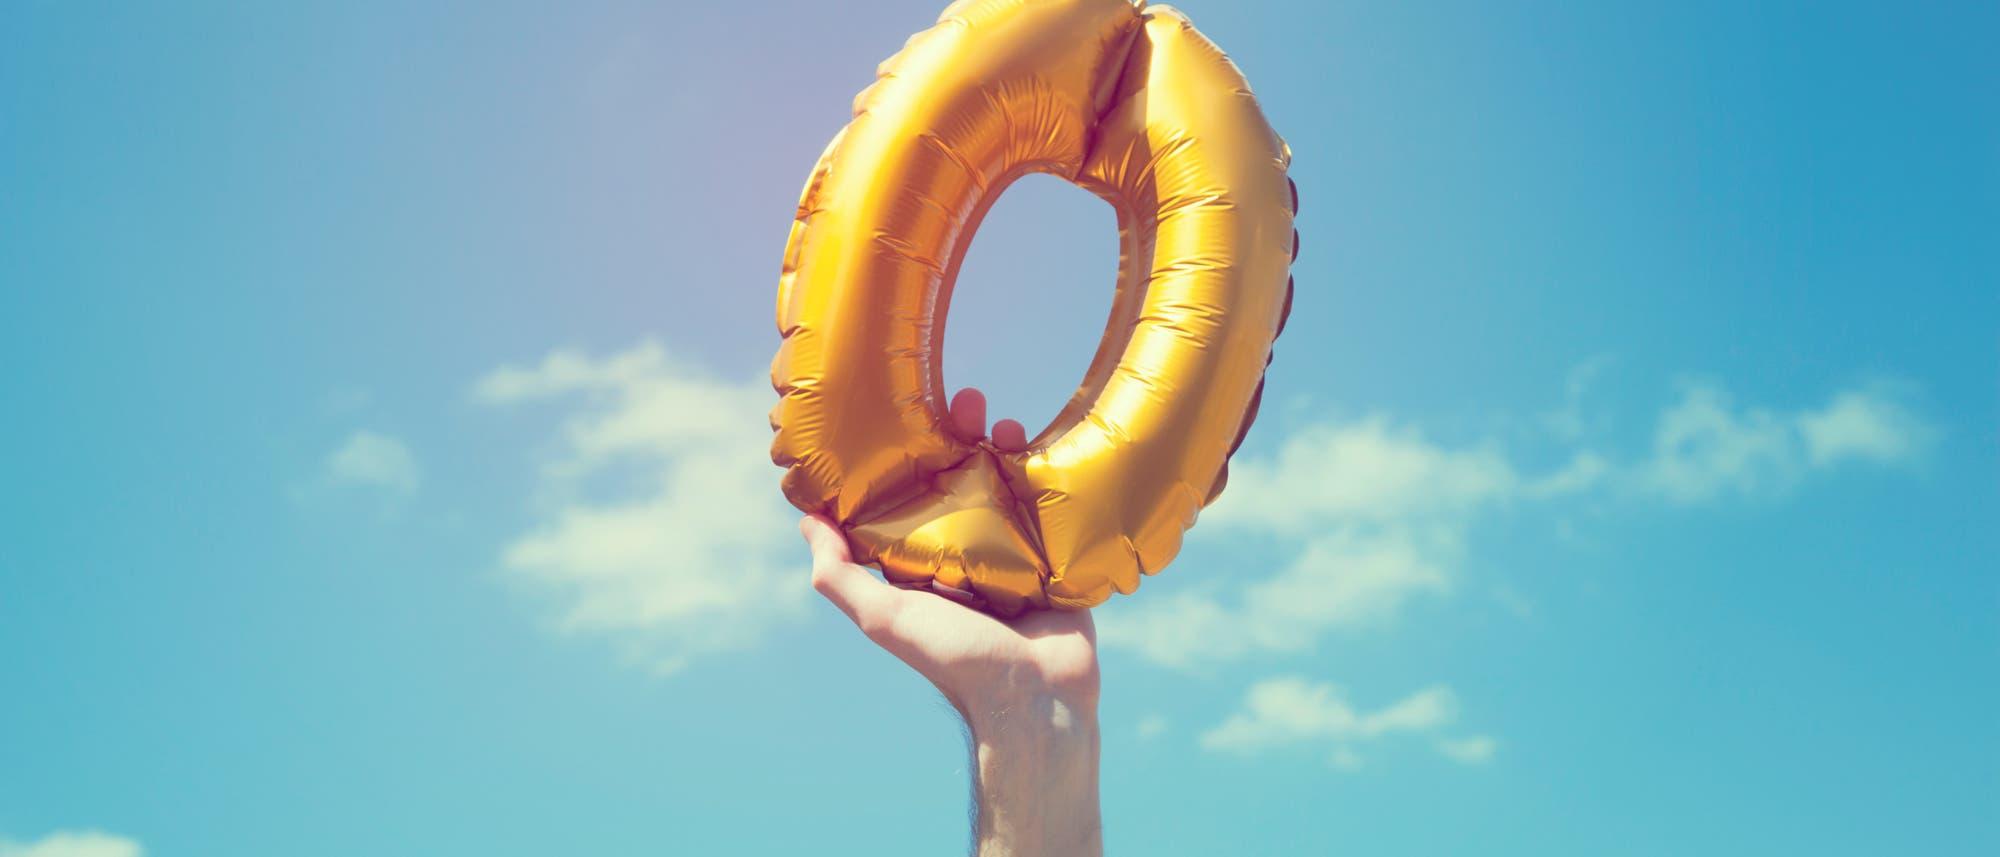 Eine Hand hebt eine goldfarbene aufblasbare Null in den blauen Himmel.